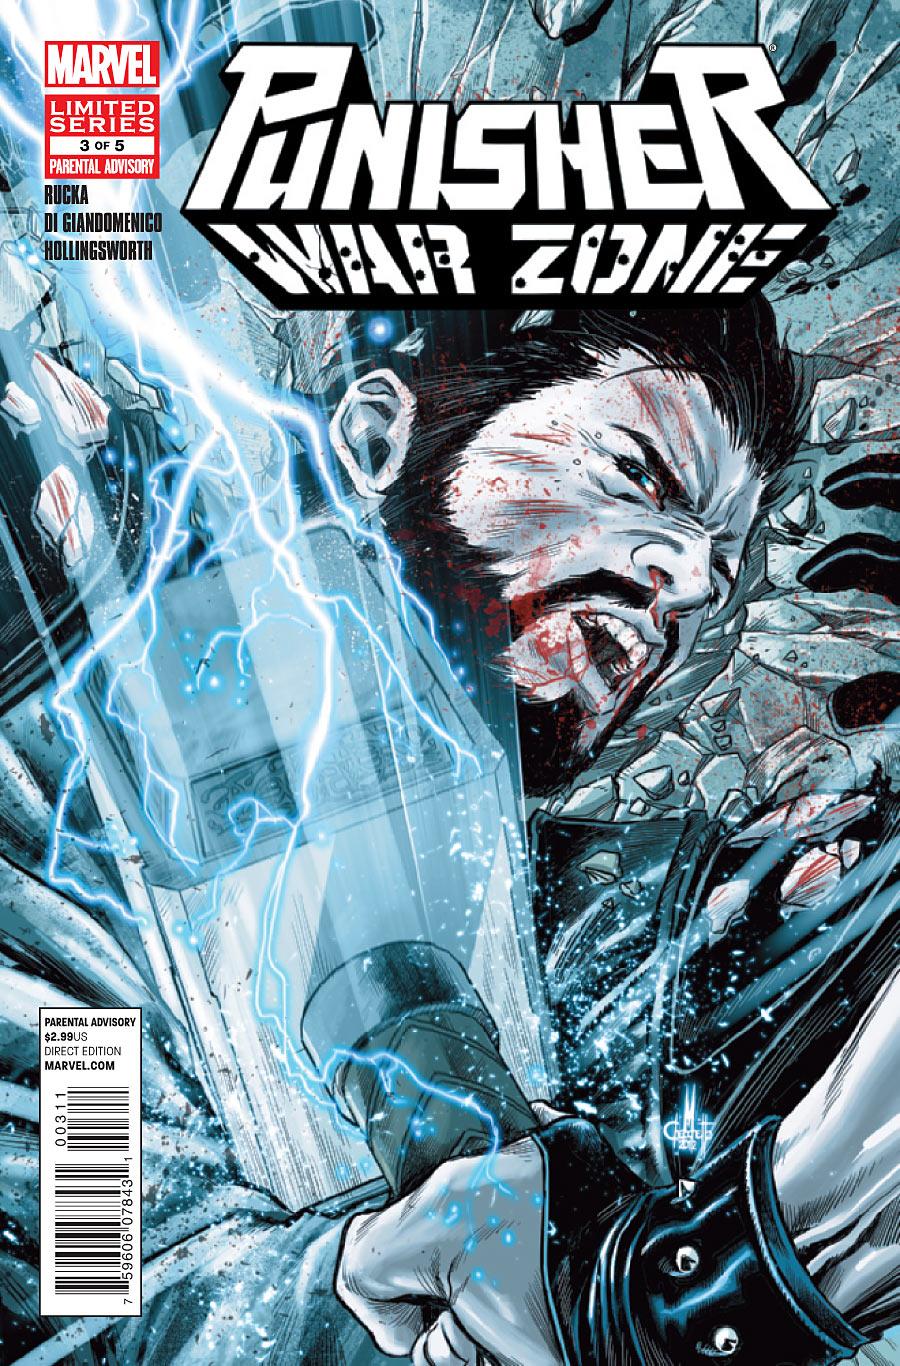 The Punisher War Zone